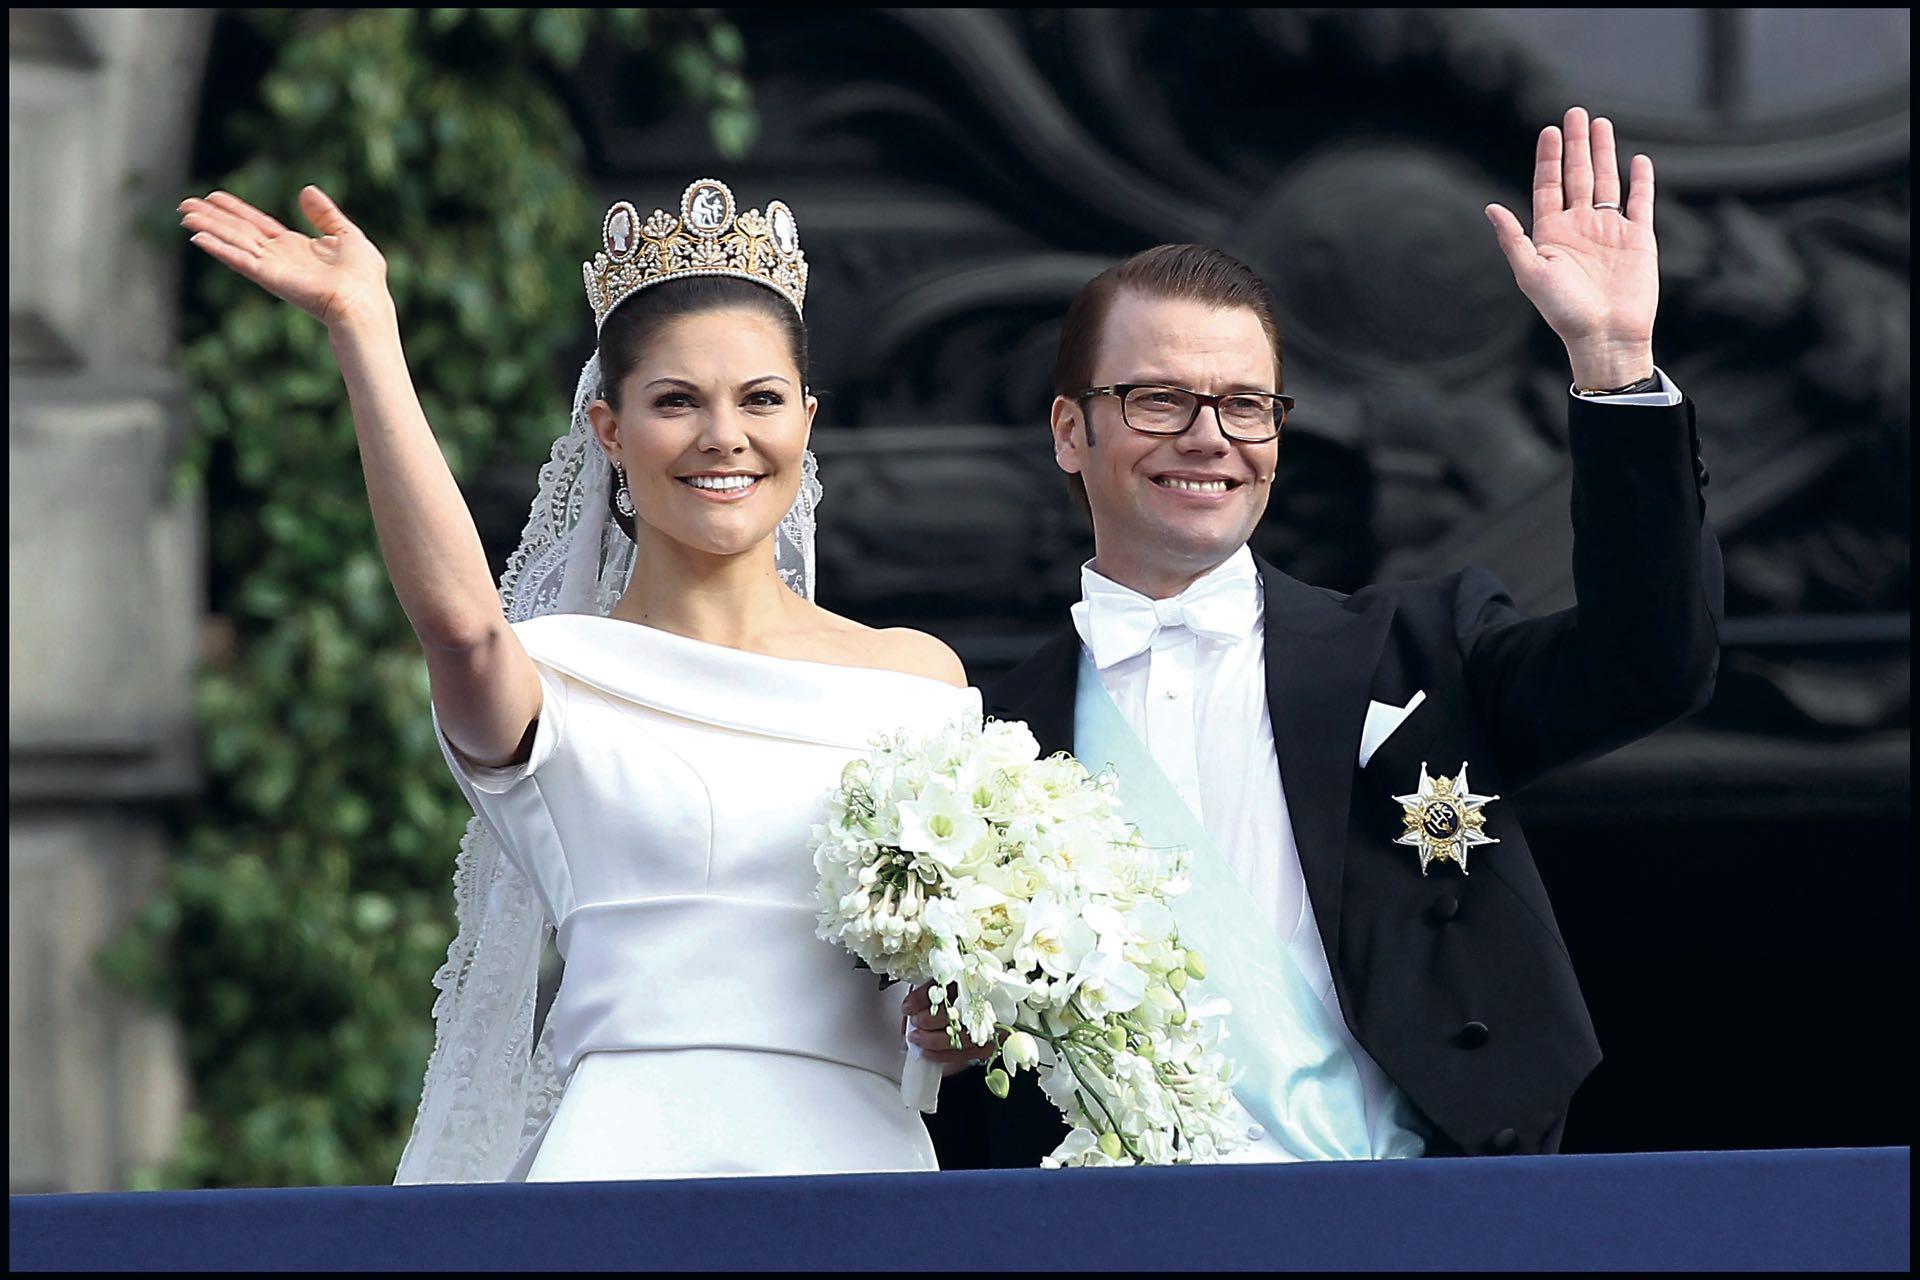 Daniel Westling es príncipe de Suecia y duque consorte de la princesa heredera de Suecia, Victoria